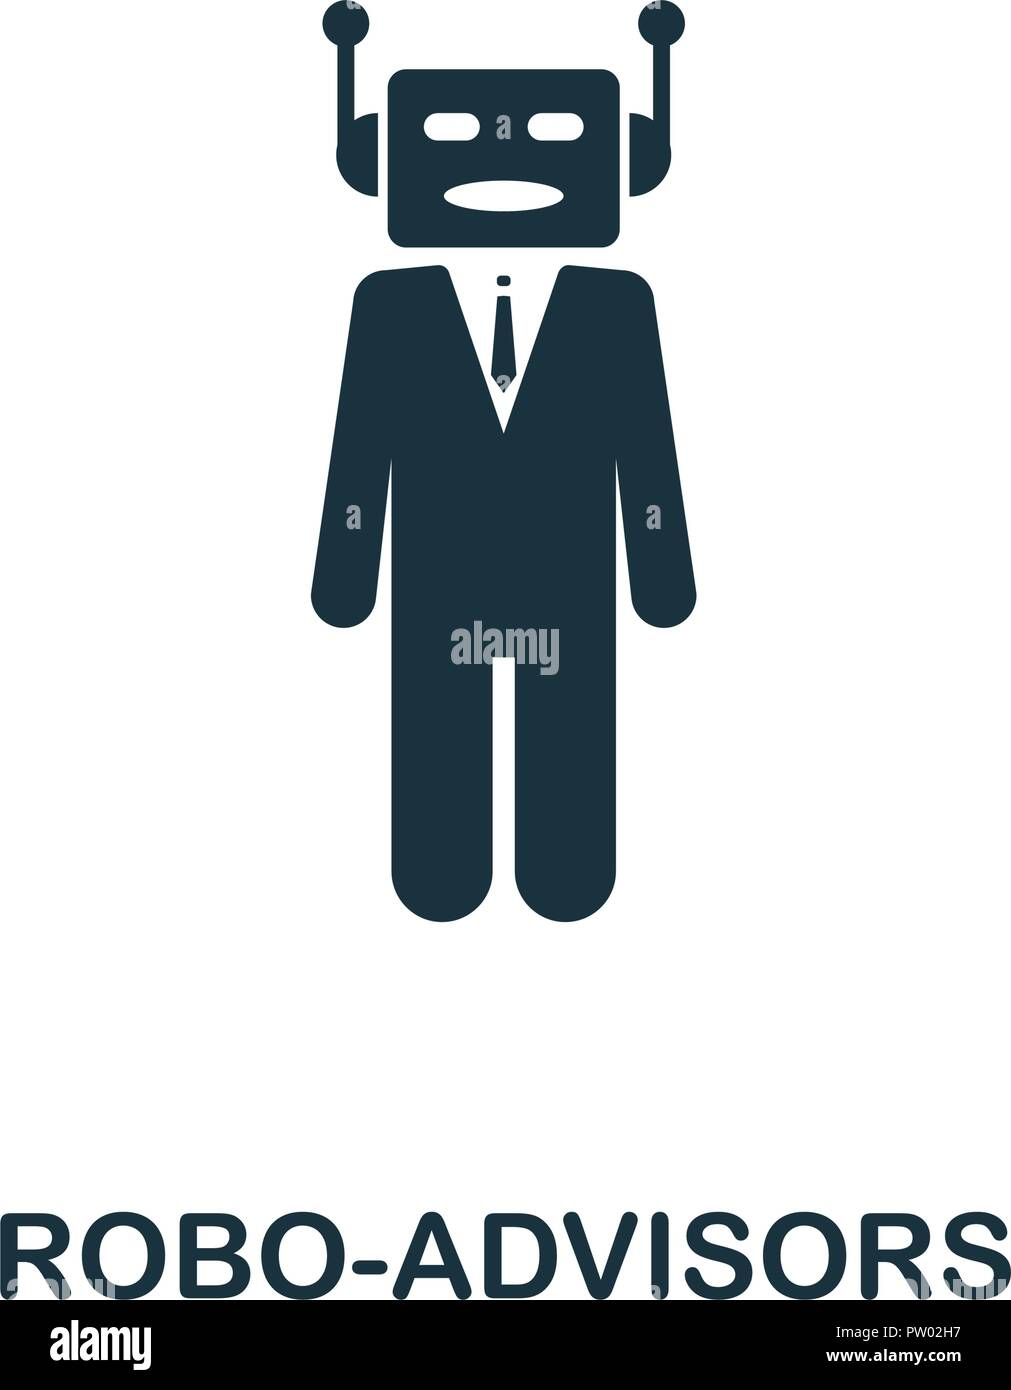 Icona Robo-Advisors. Monocromatico design di stile dalla collezione di fintech. UX e UI. Pixel perfect robo-icona di consulenti. Per il web design, applicazioni software, prin Illustrazione Vettoriale